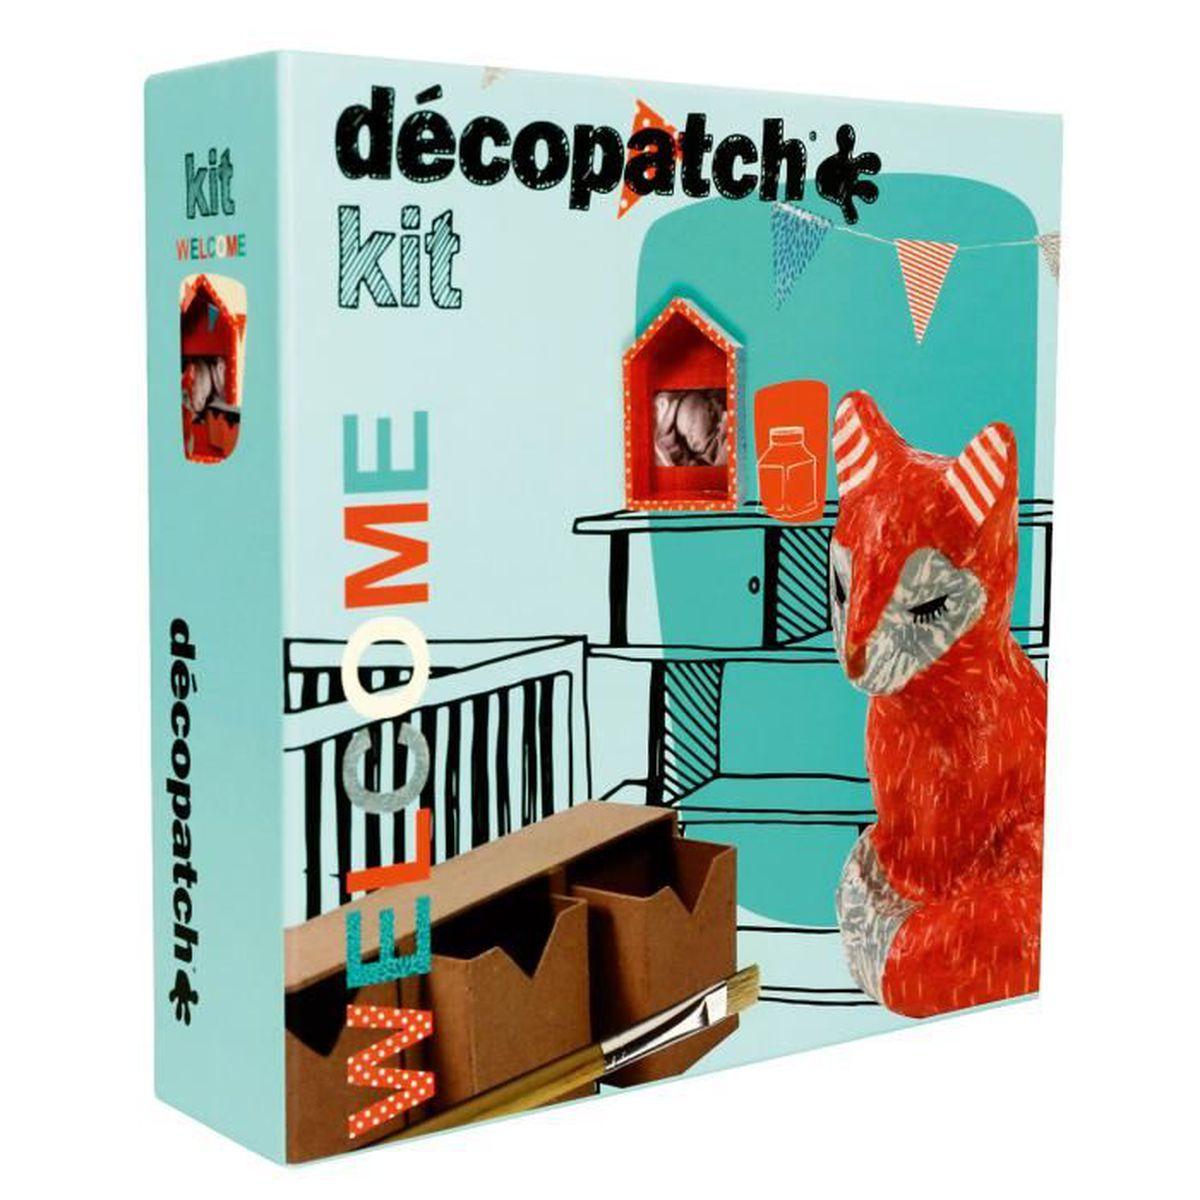 kit cr atif d copatch welcome gar on aille unique coloris unique achat vente kit papier. Black Bedroom Furniture Sets. Home Design Ideas